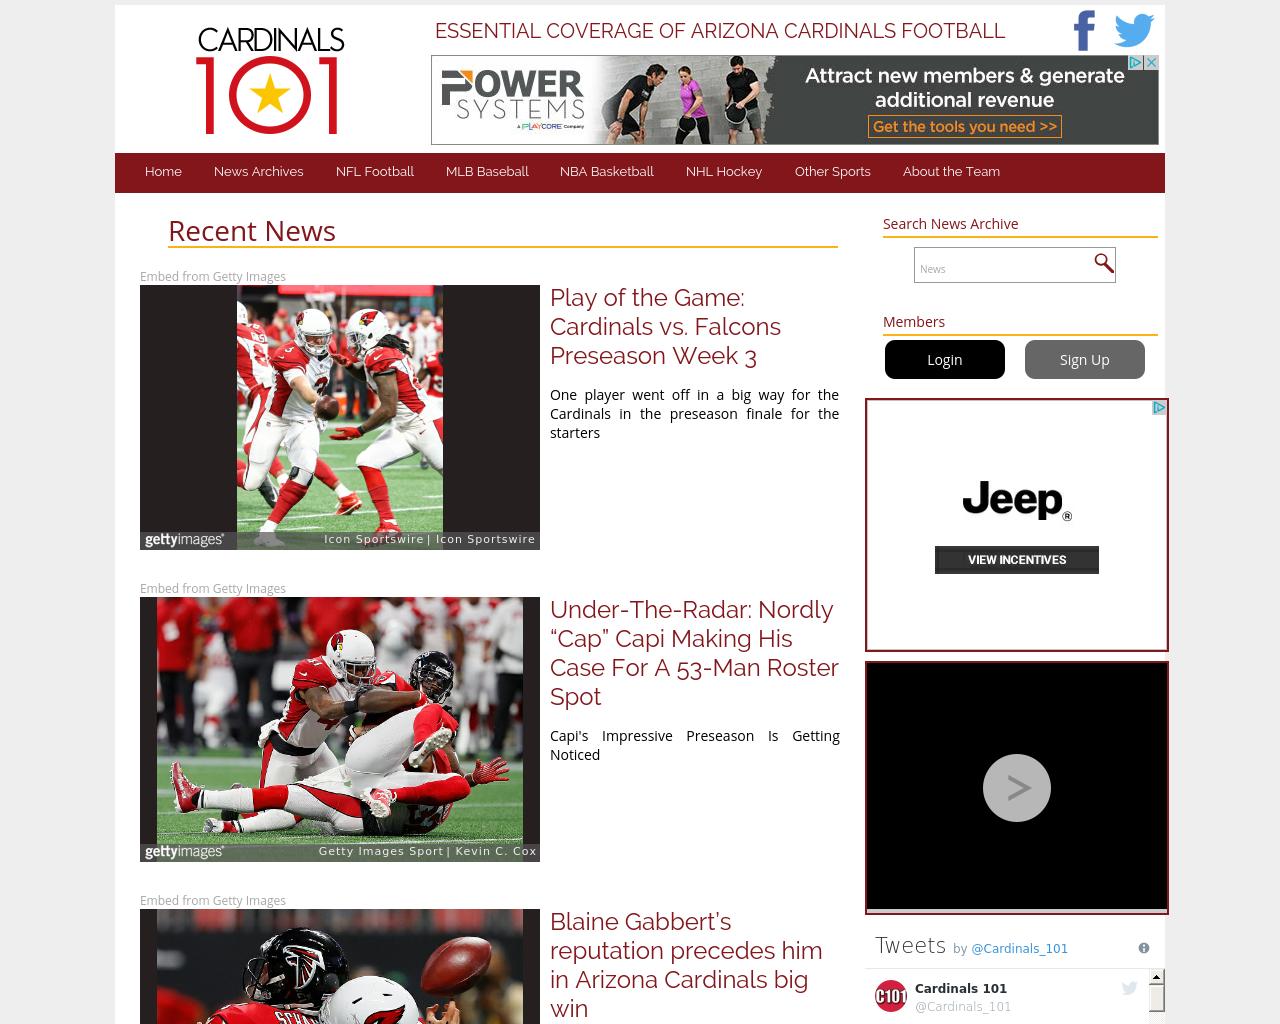 AZ-Cardinals-101-Advertising-Reviews-Pricing